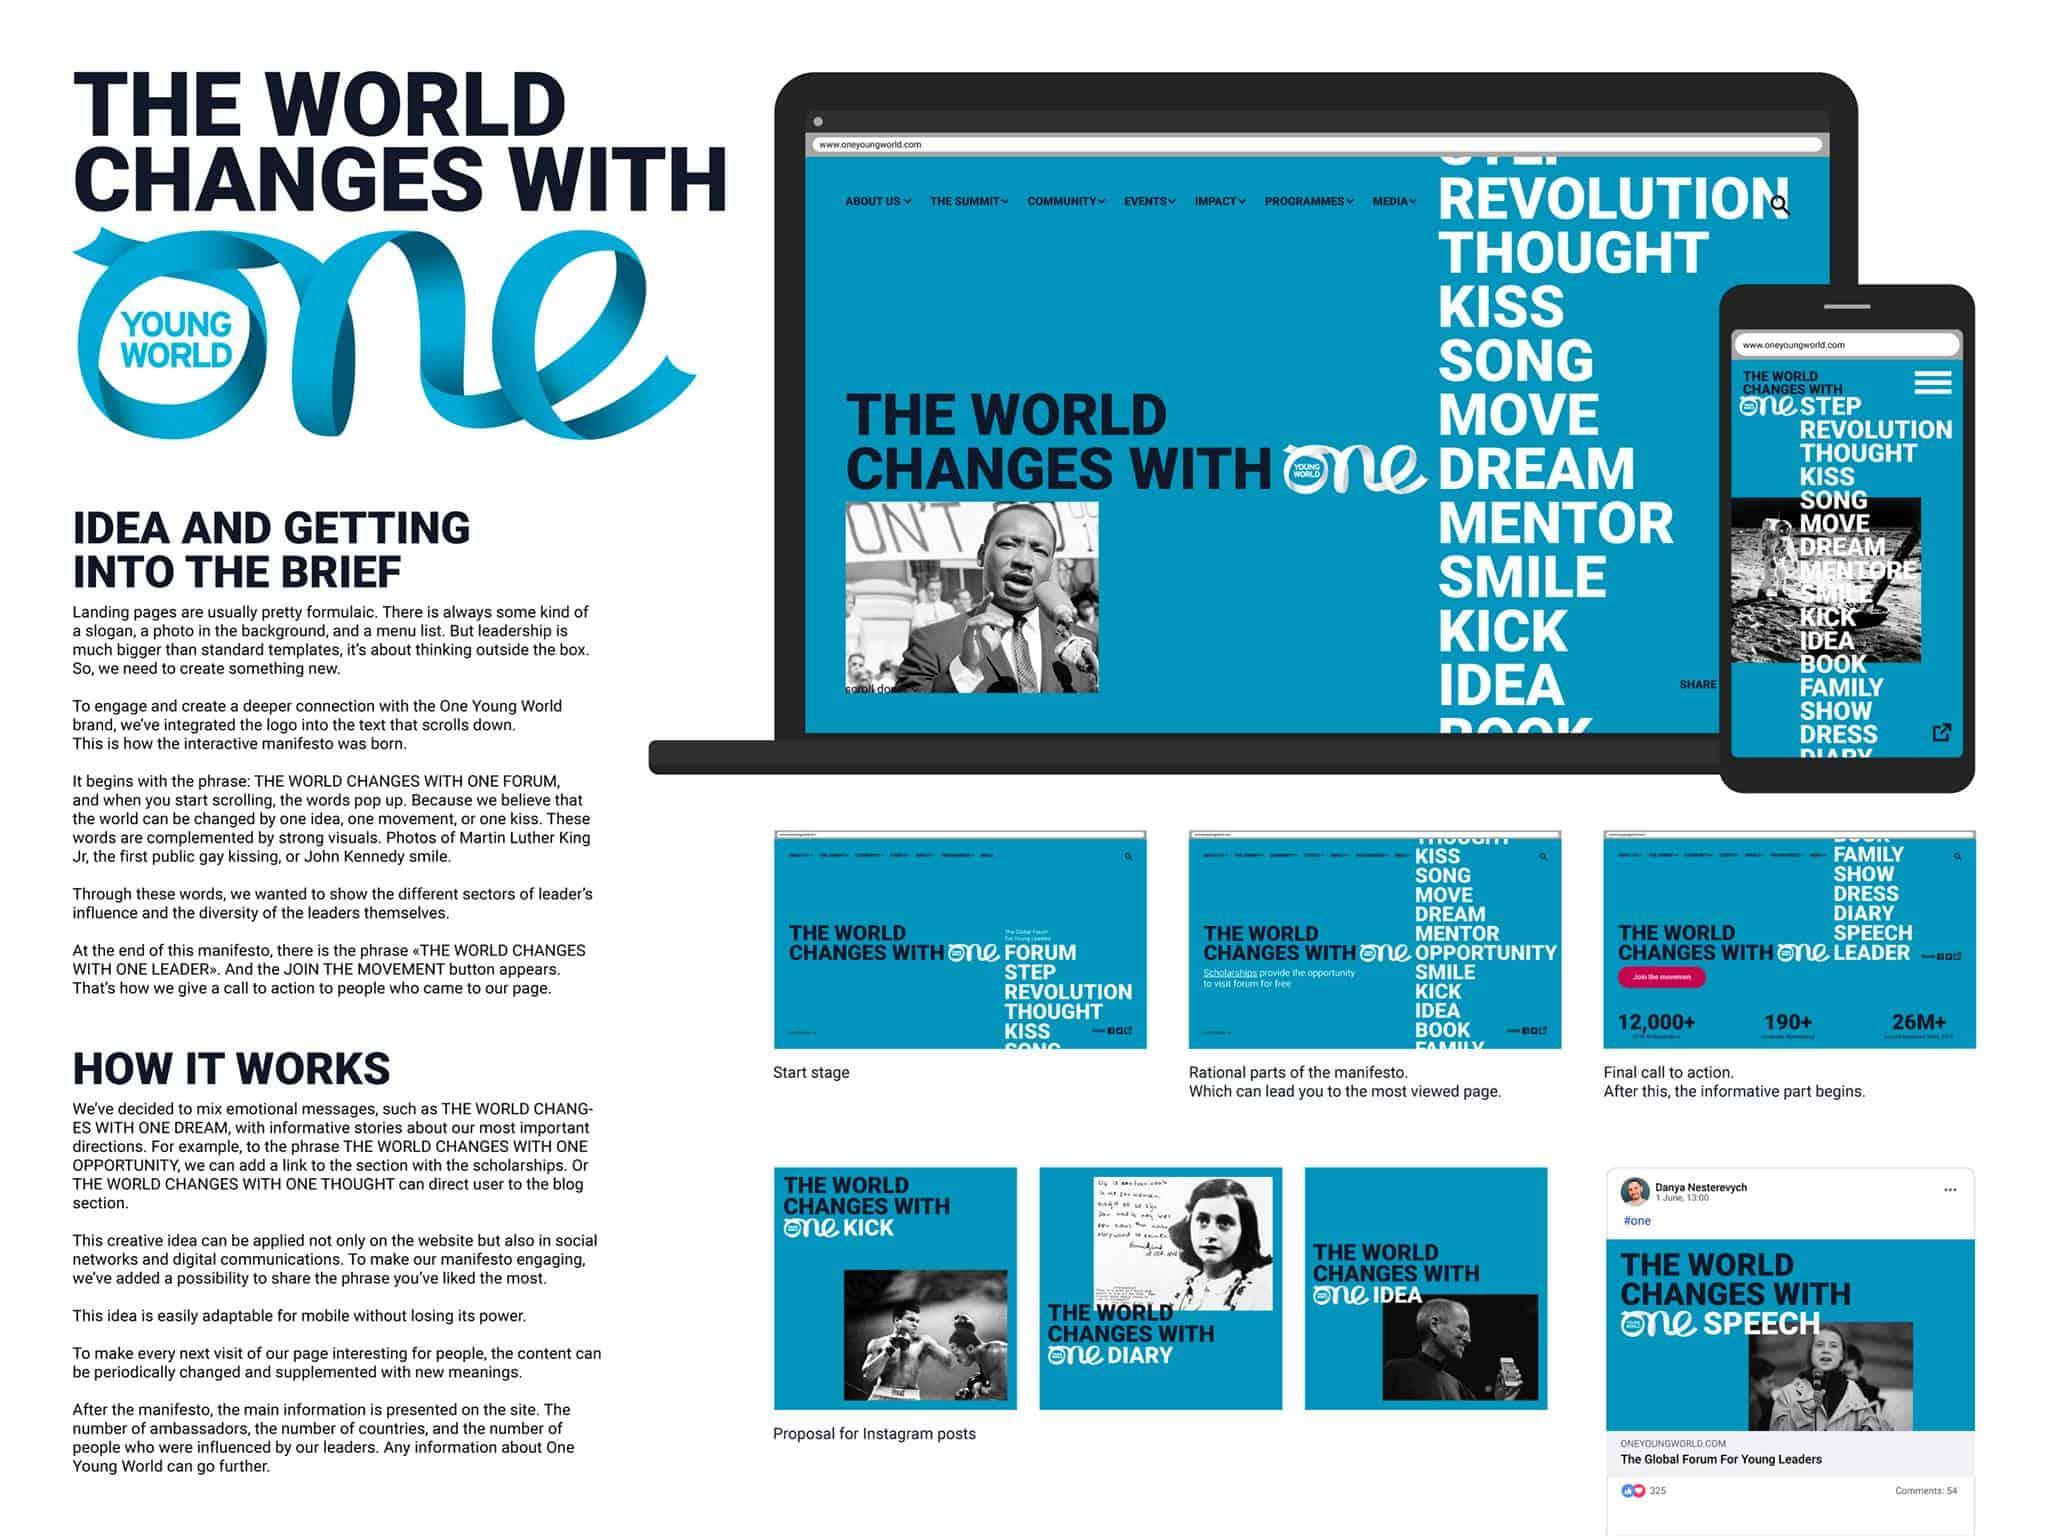 дизайн главной страницы сайта Форума Молодых Лидеров One Young World